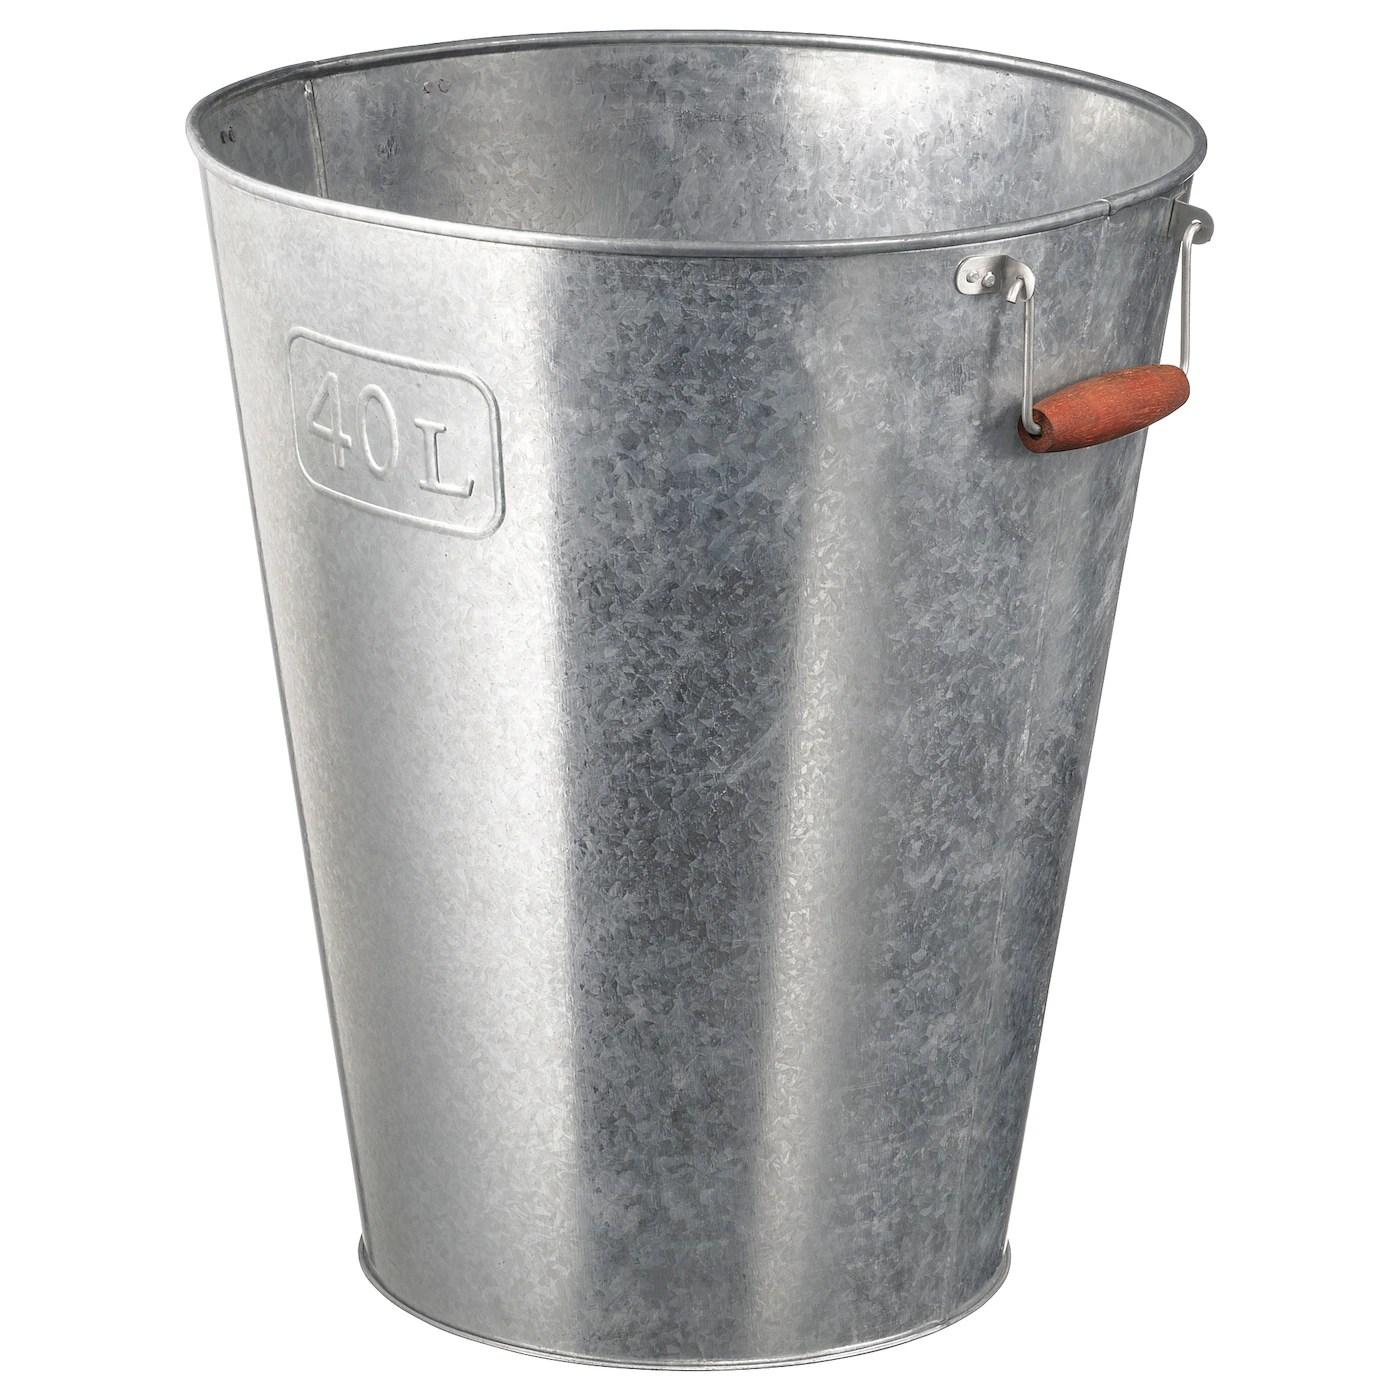 Graslok Plant Pot Indoor Outdoor Galvanized 12 32 Cm Ikea